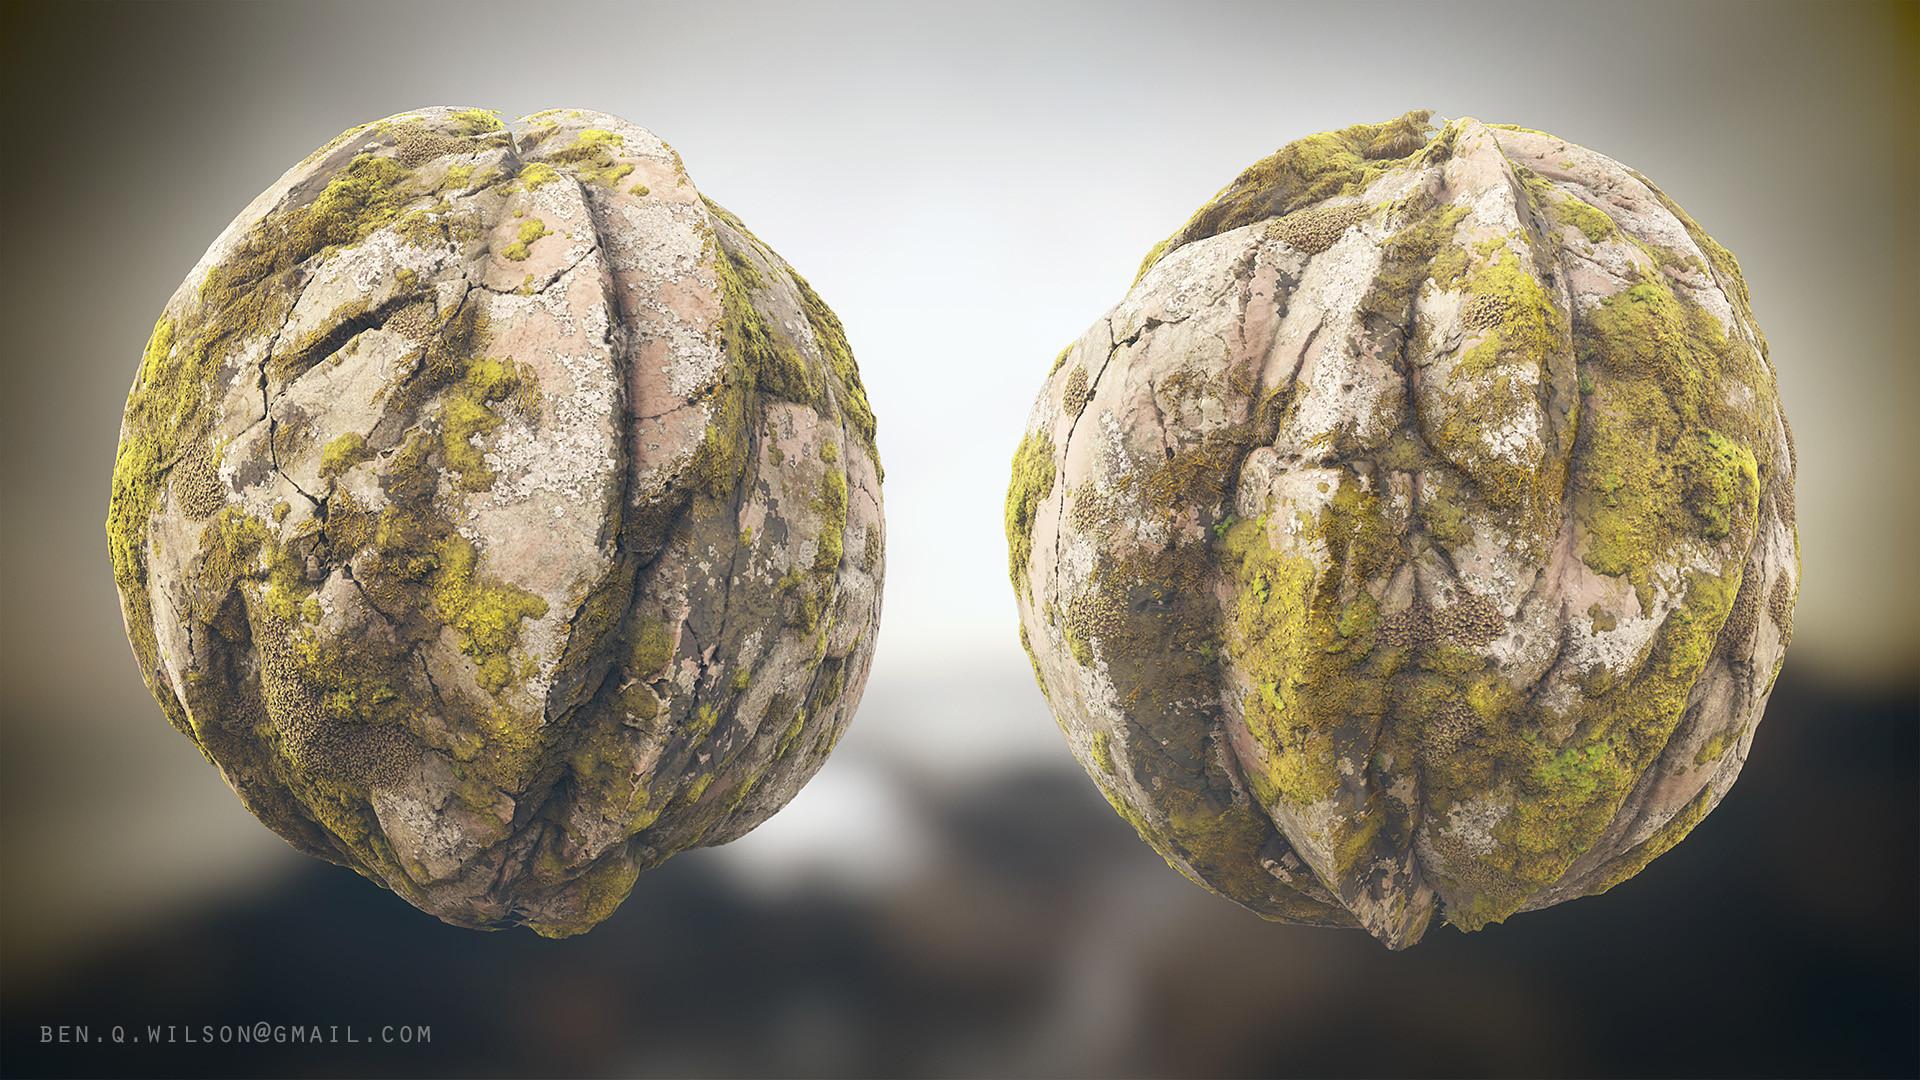 Ben wilson moss rock sphere a